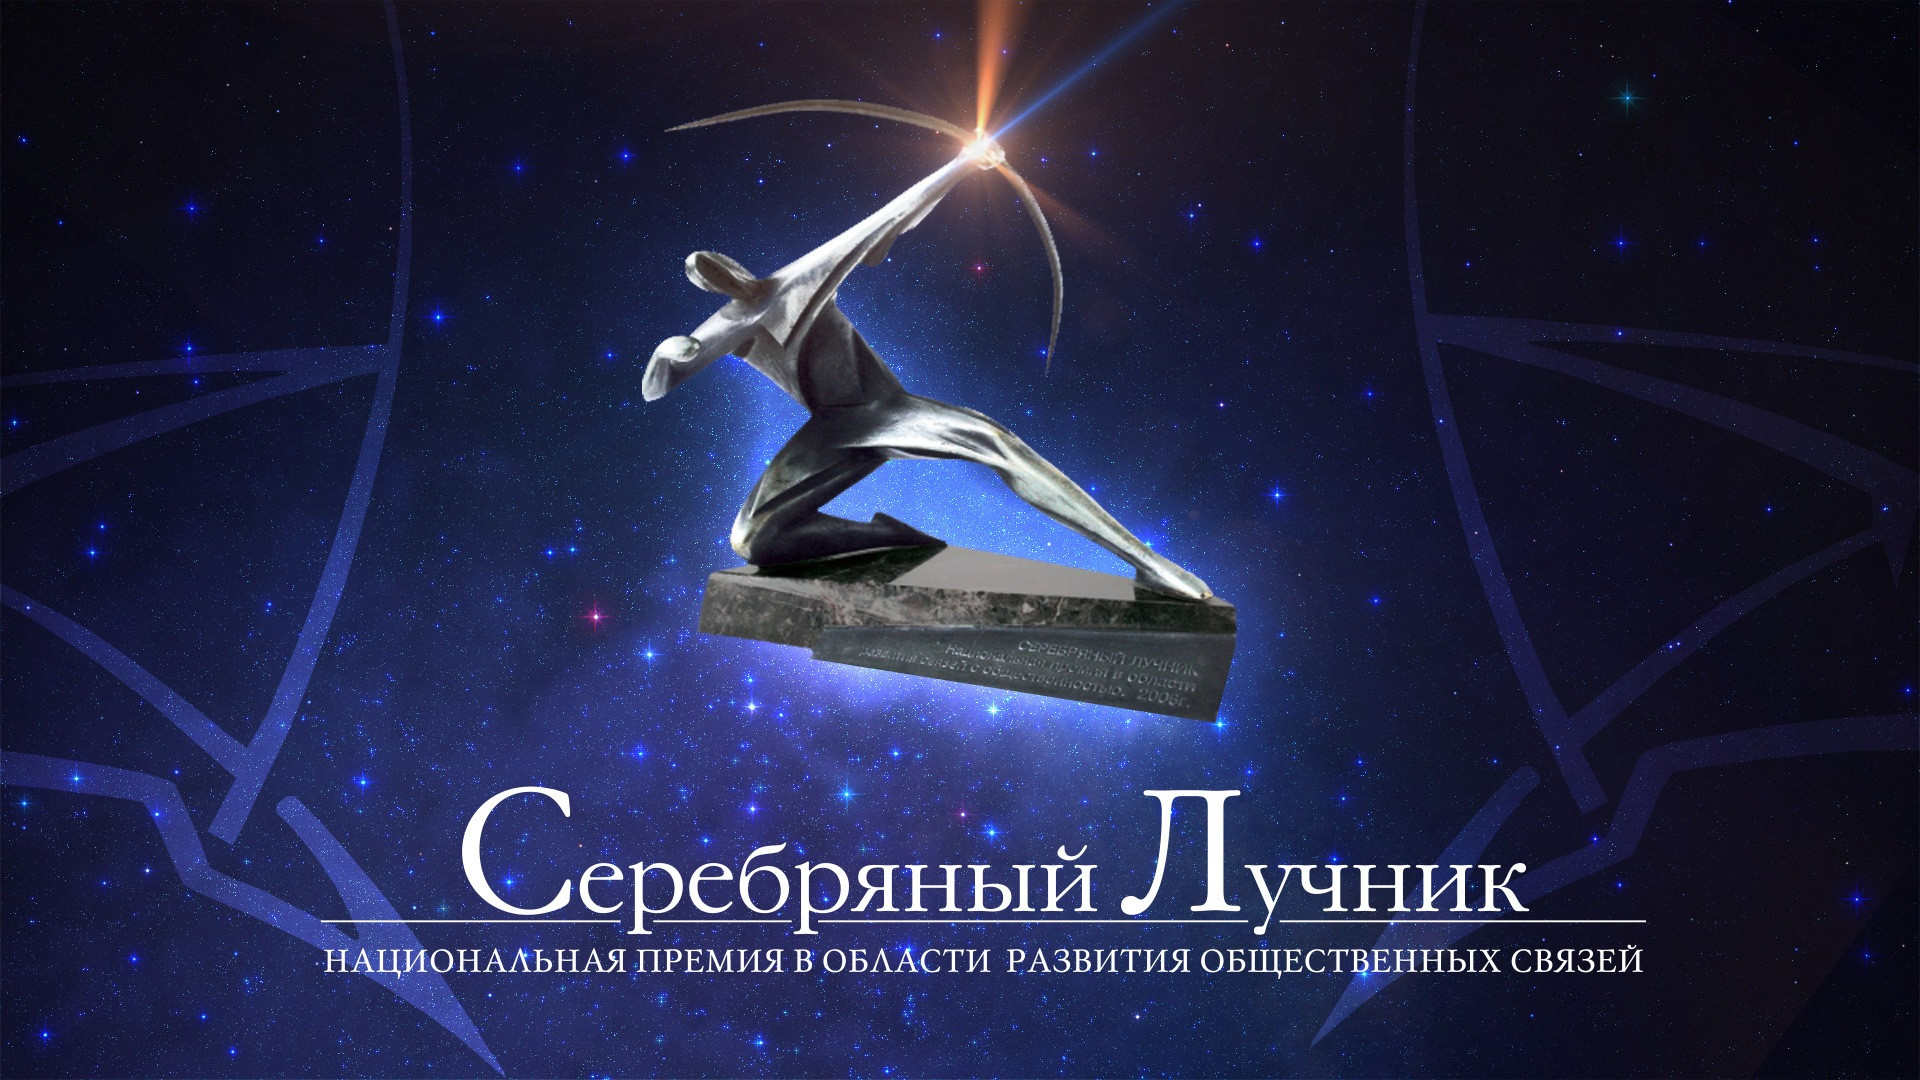 """"""" Серебряный Лучник """" готовится назвать мастера"""